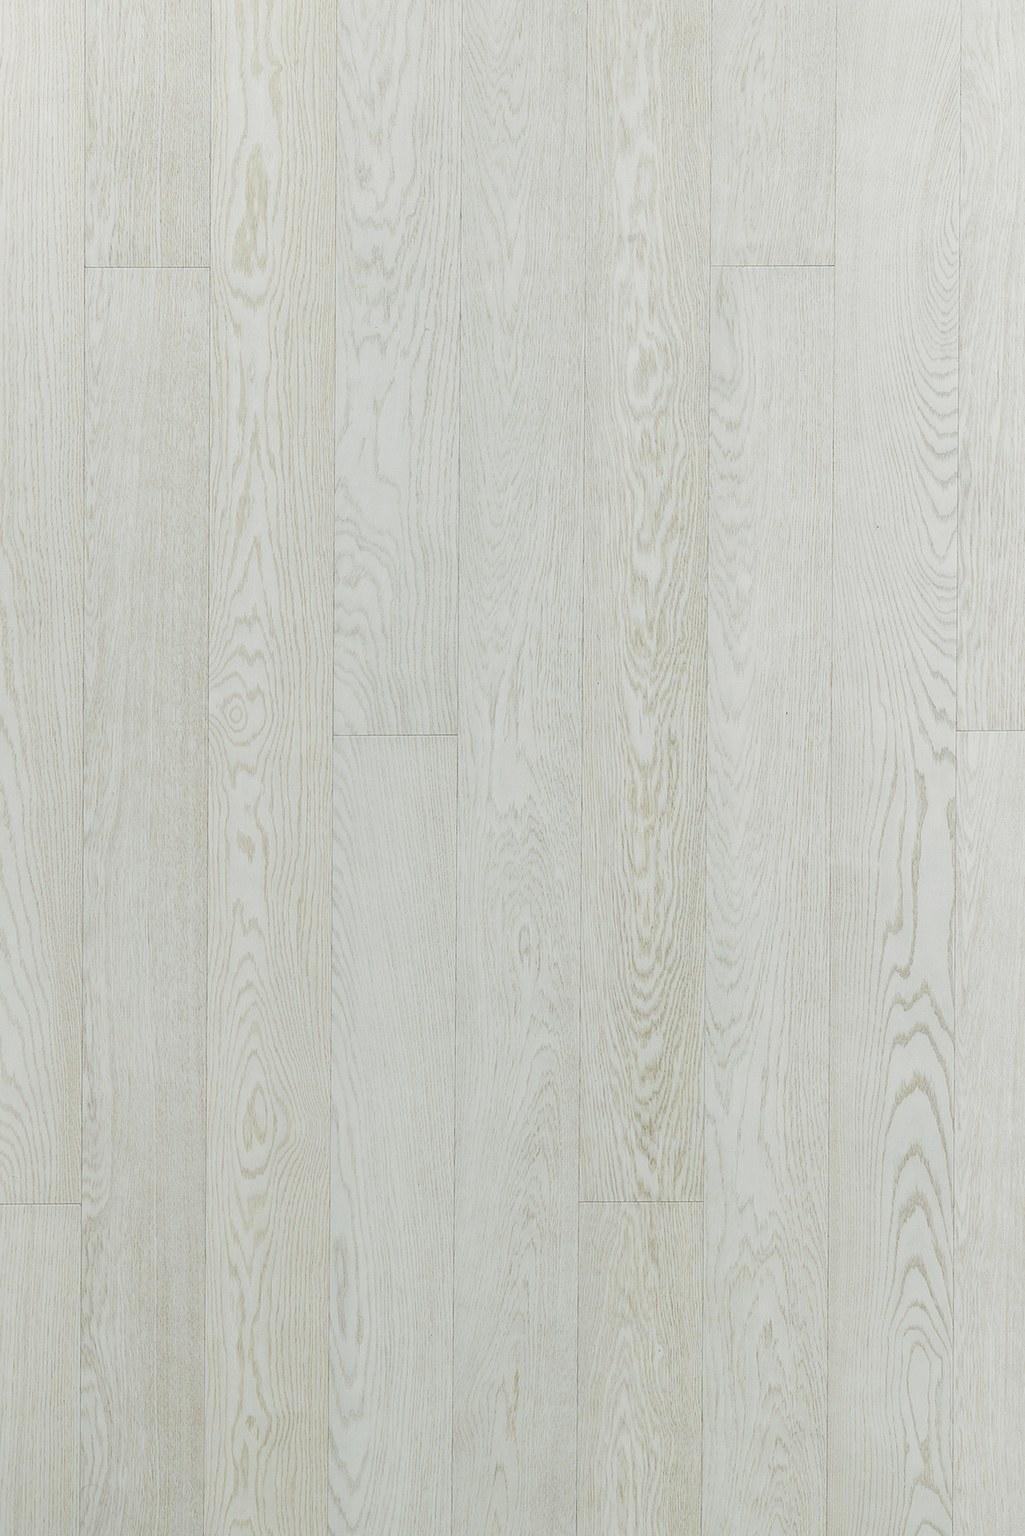 Timberwise parketti lankkuparketti puulattia wooden floor parquet plank Tammi Oak Antarctis_2D1